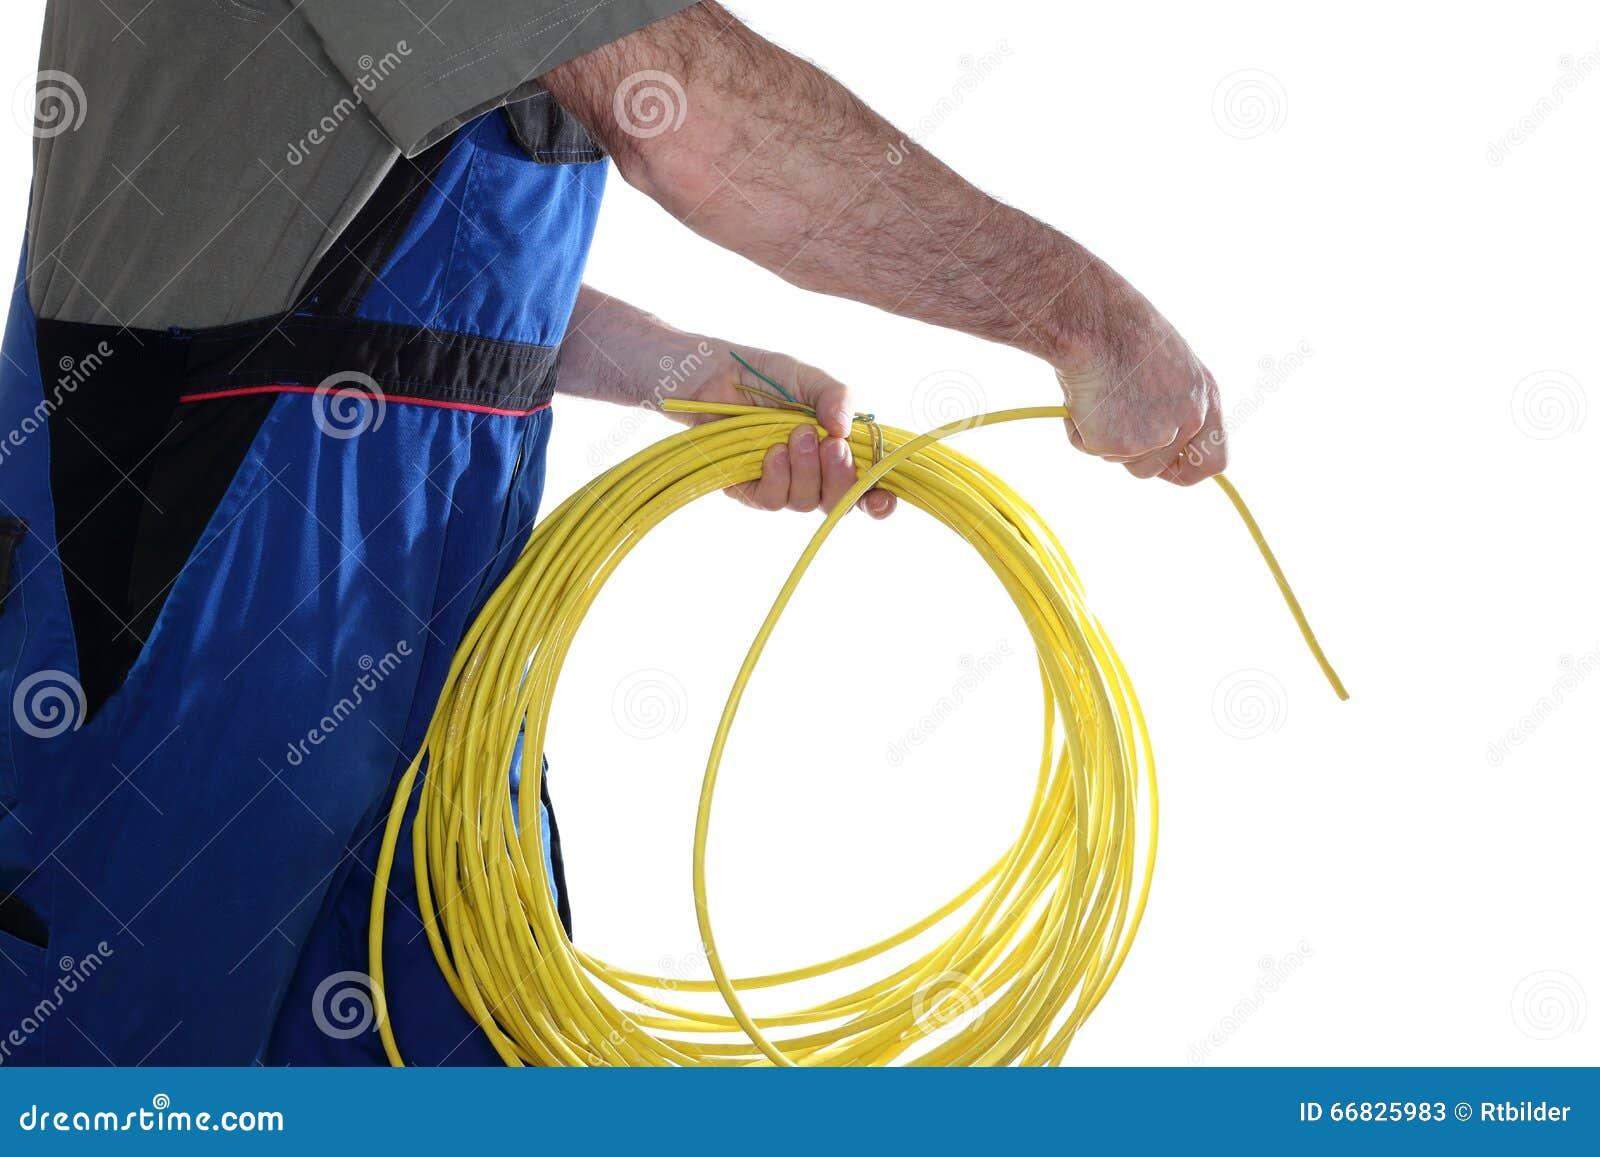 安装网络缆绳